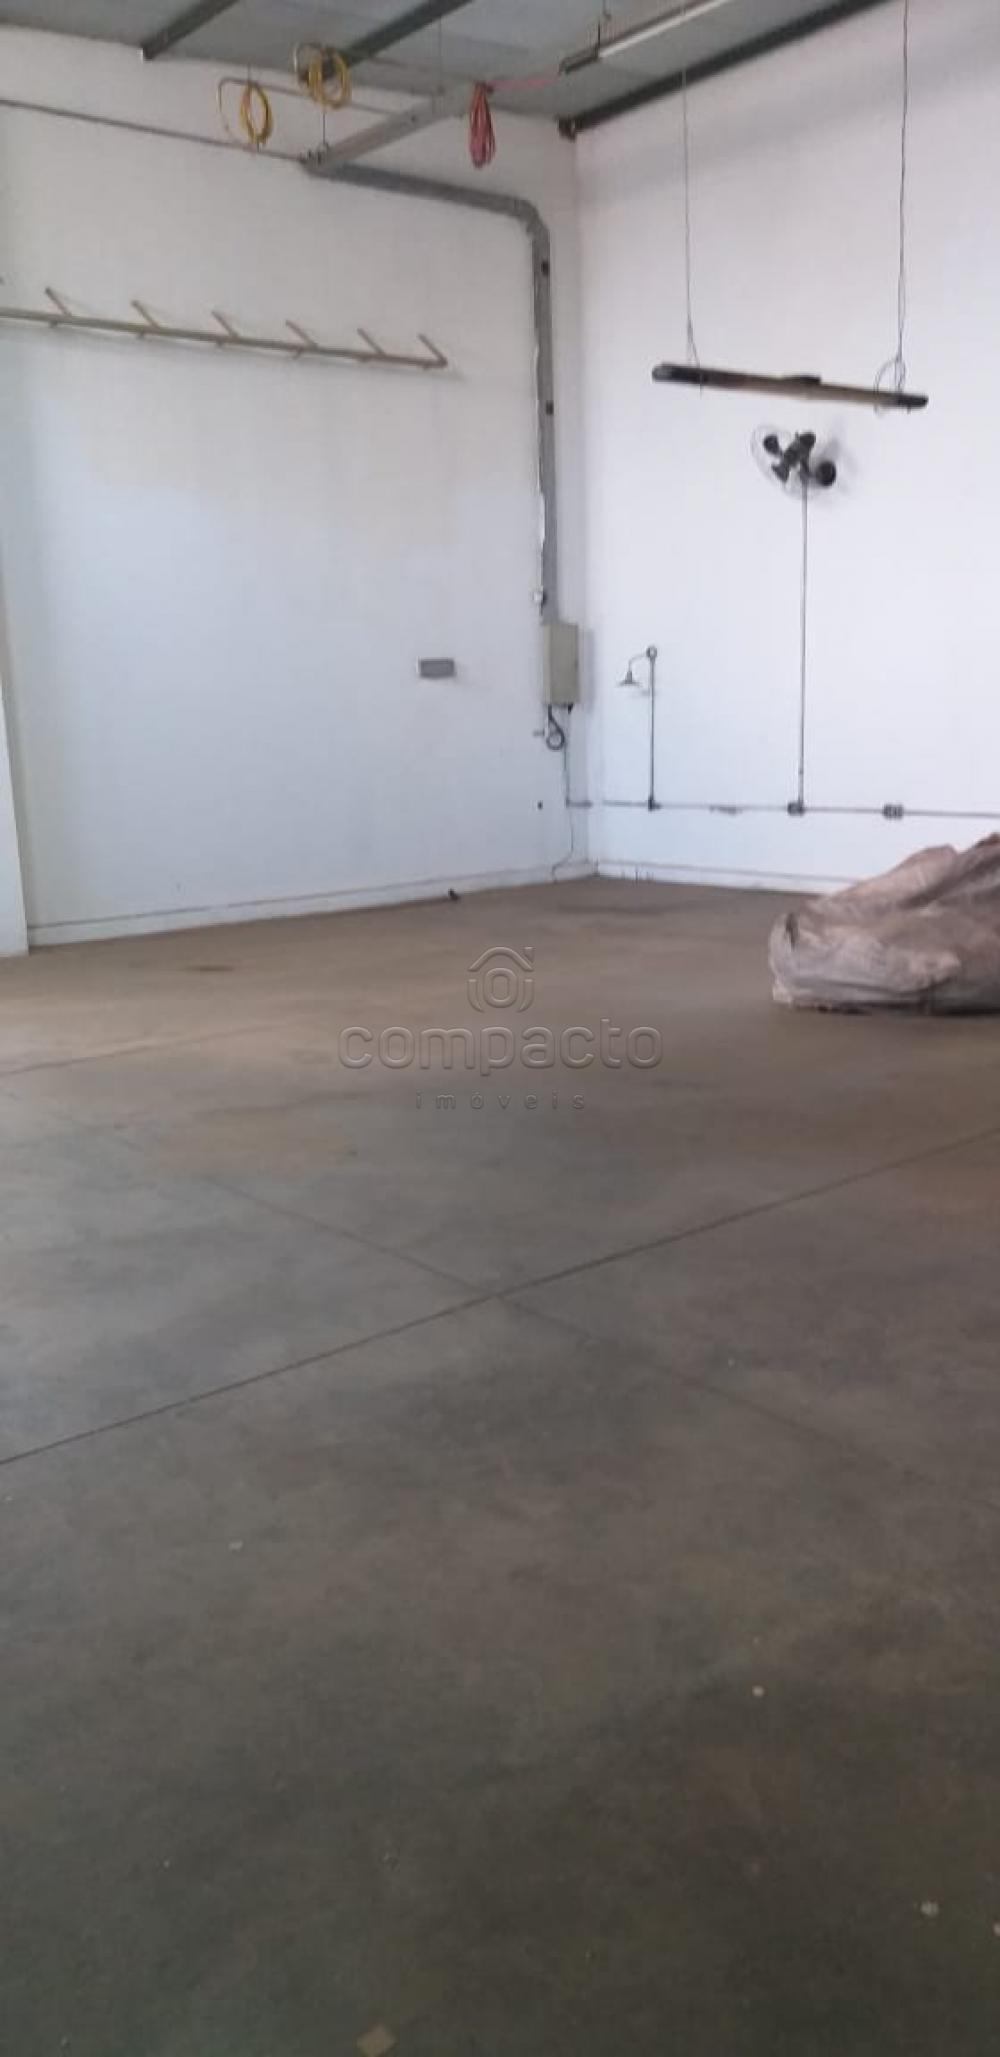 Alugar Comercial / Barracão em São José do Rio Preto apenas R$ 2.300,00 - Foto 5